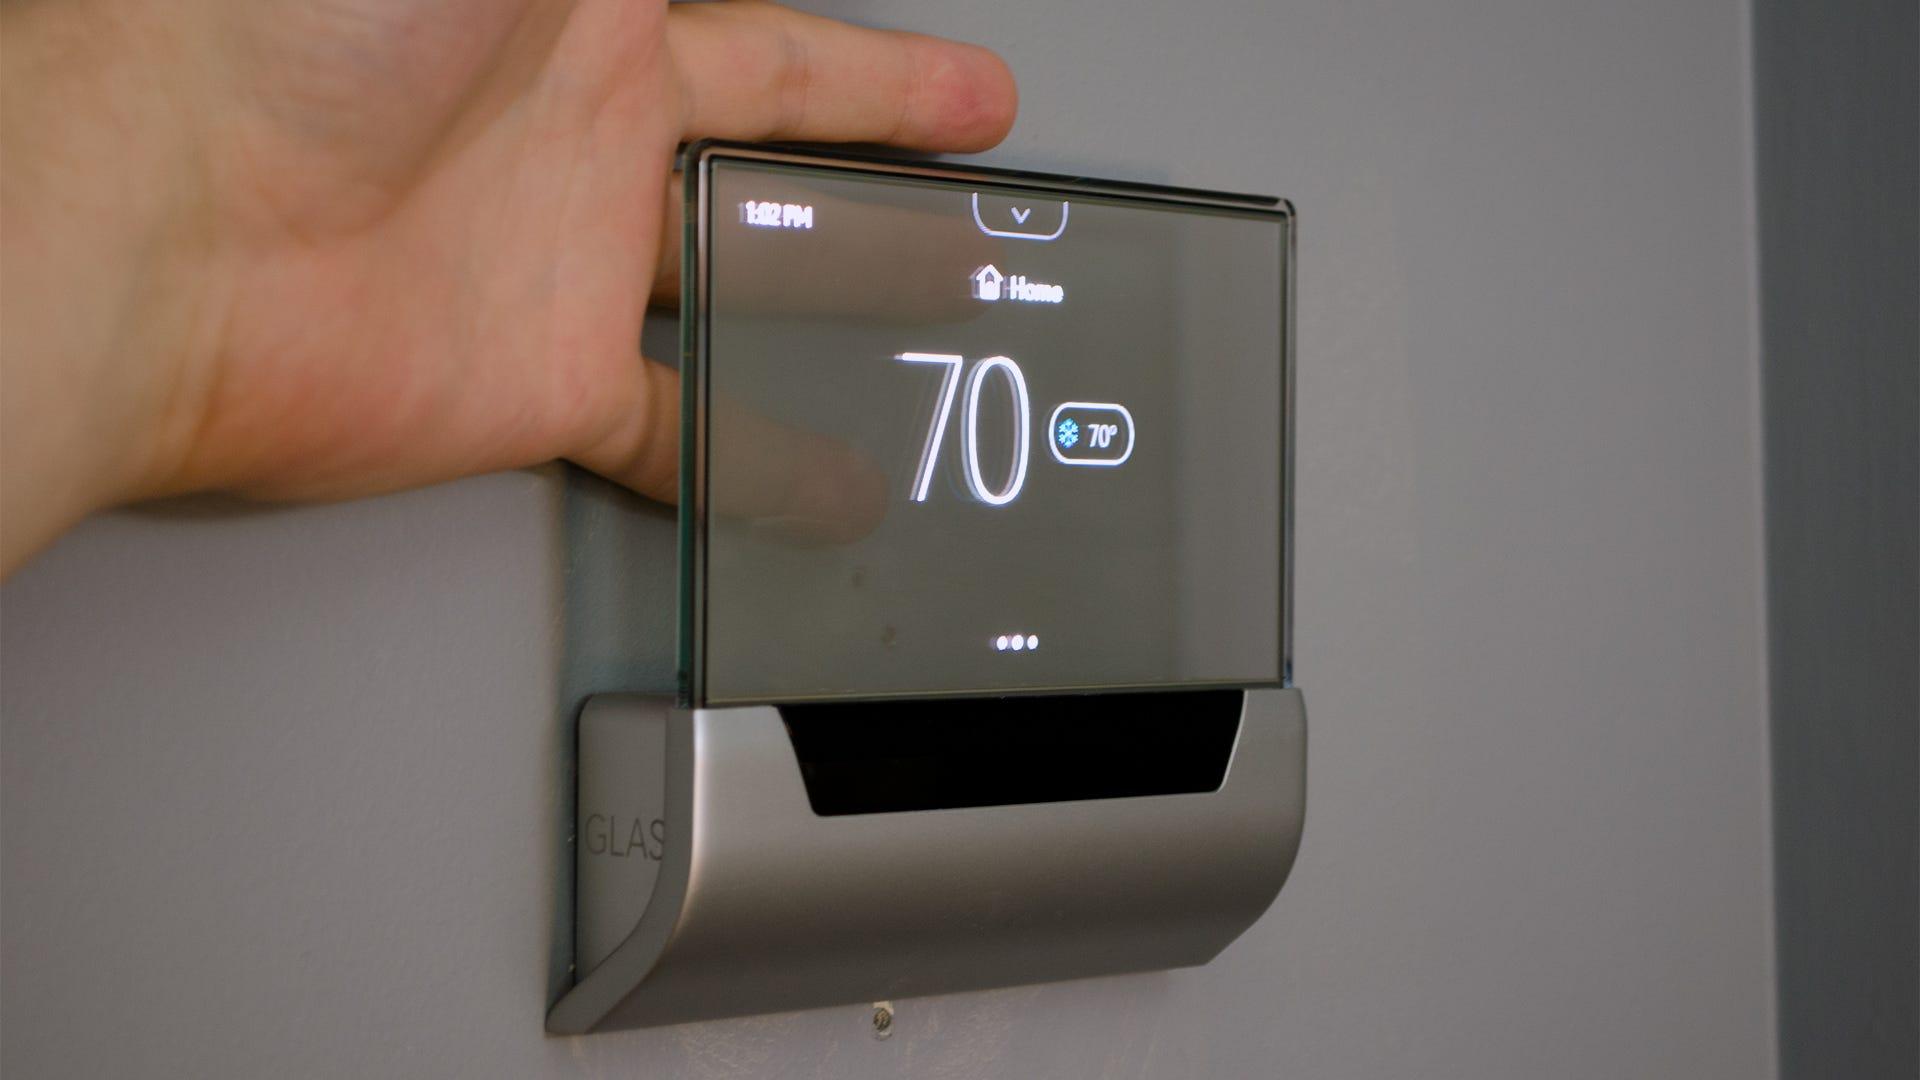 glas thermostat review ein h bscher noch durchschnittlich smart thermostat. Black Bedroom Furniture Sets. Home Design Ideas